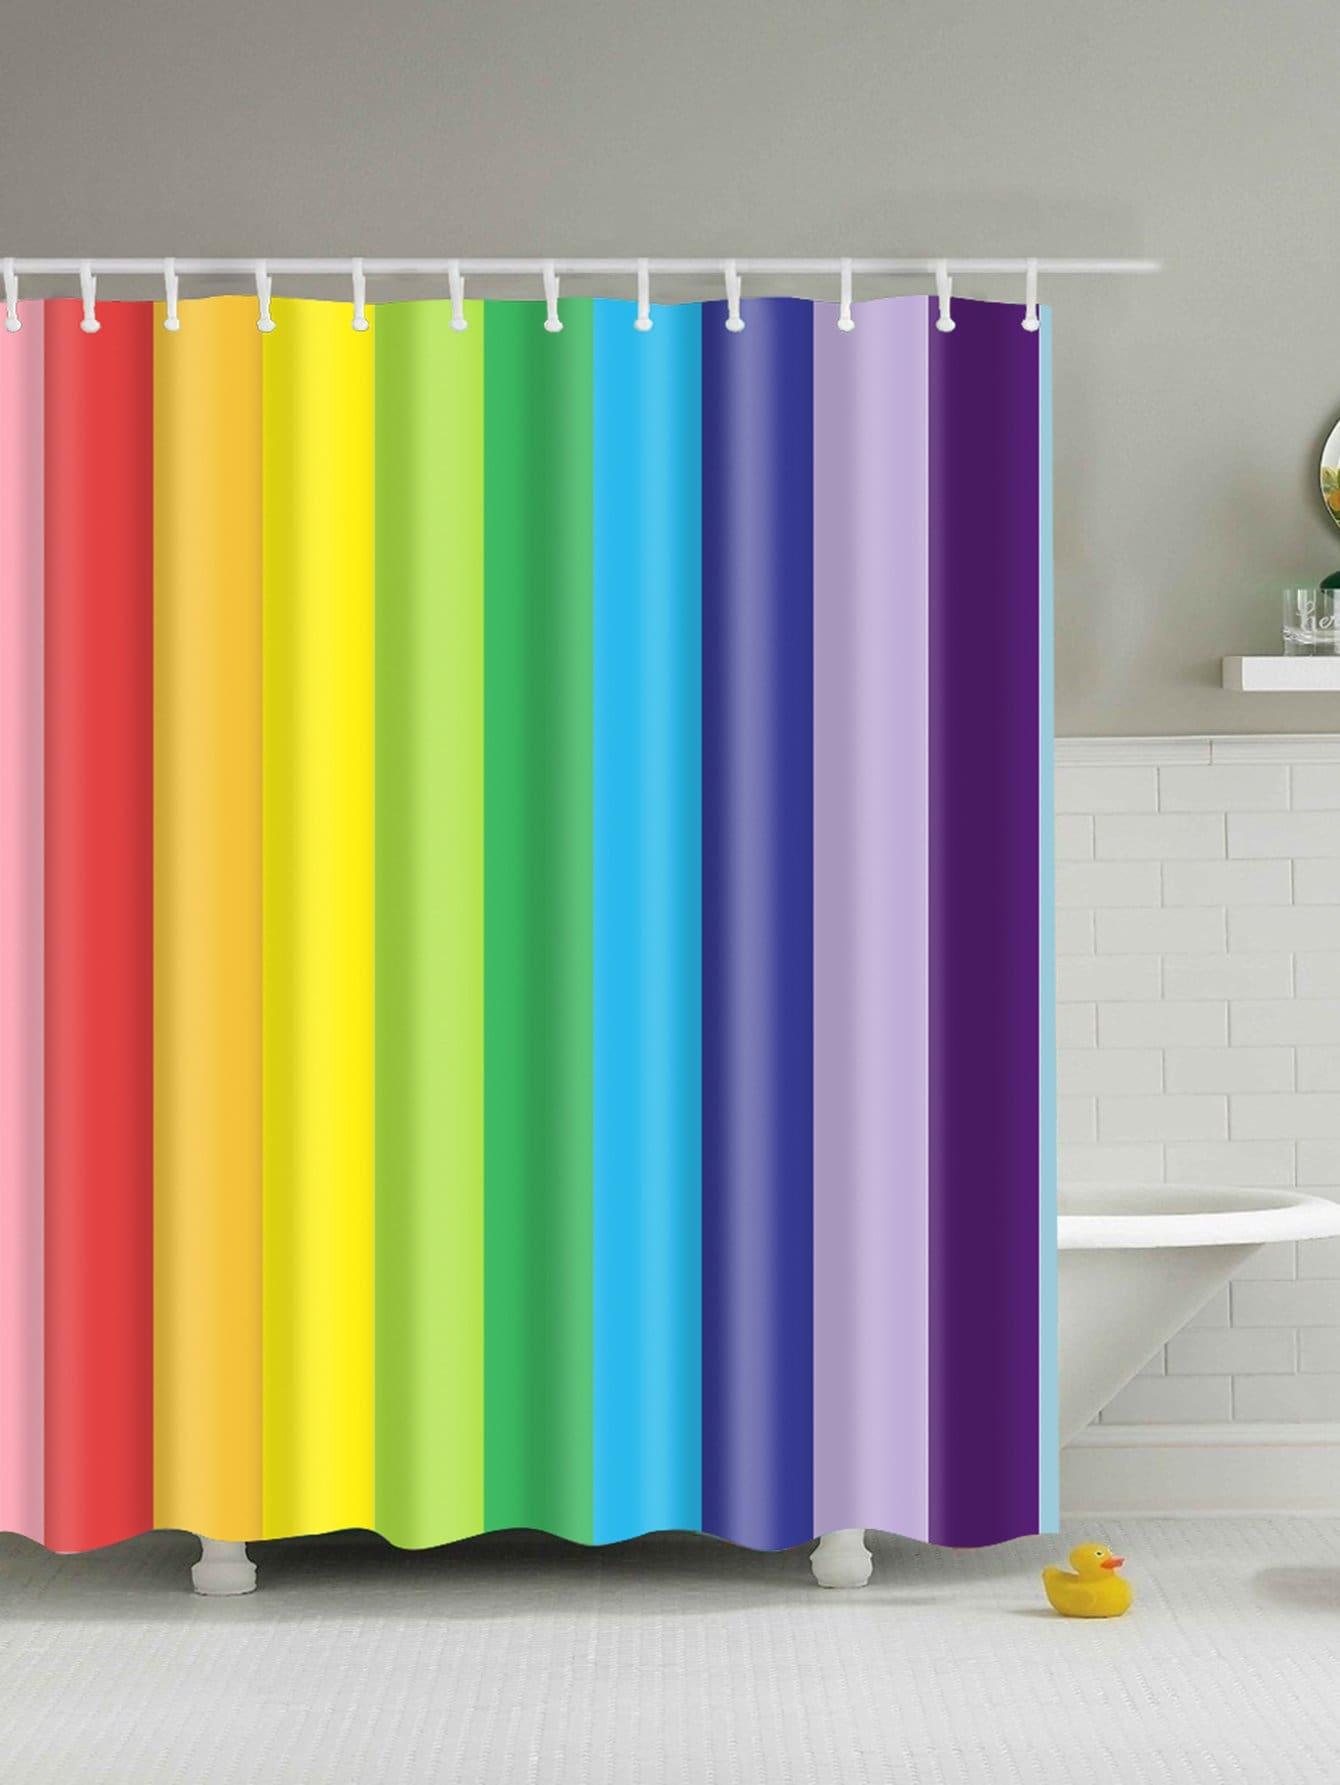 Duschvorhang mit Regenbogen Streifen 12pcs Haken